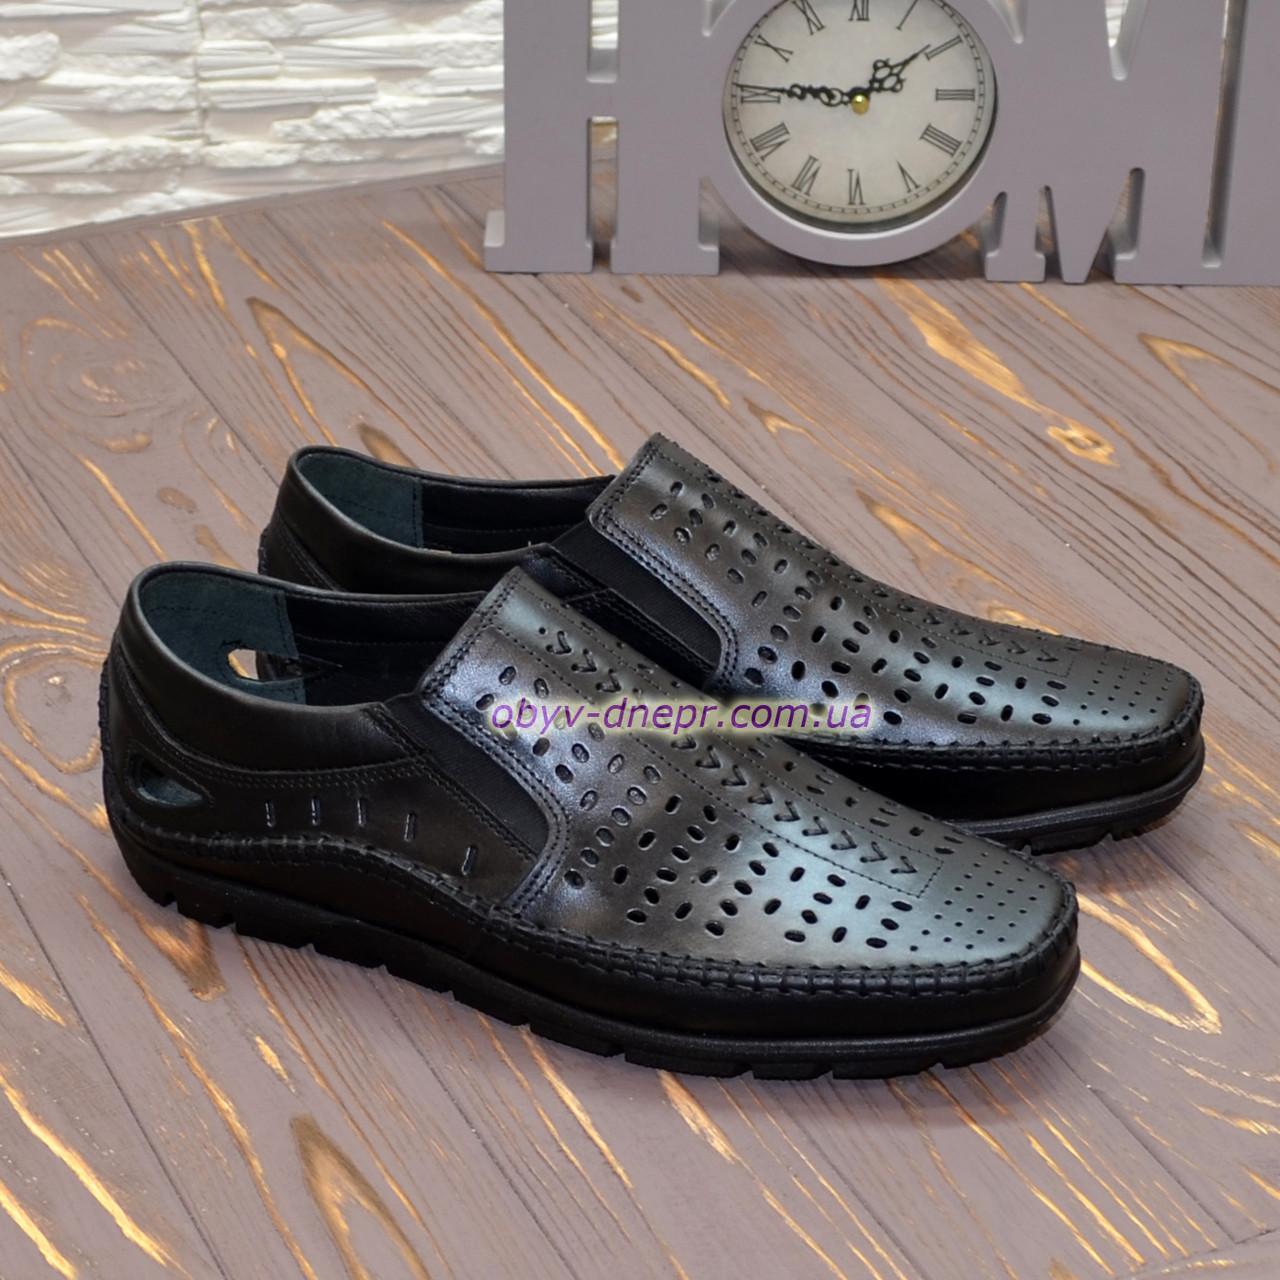 Туфли летние мужские черные кожаные.